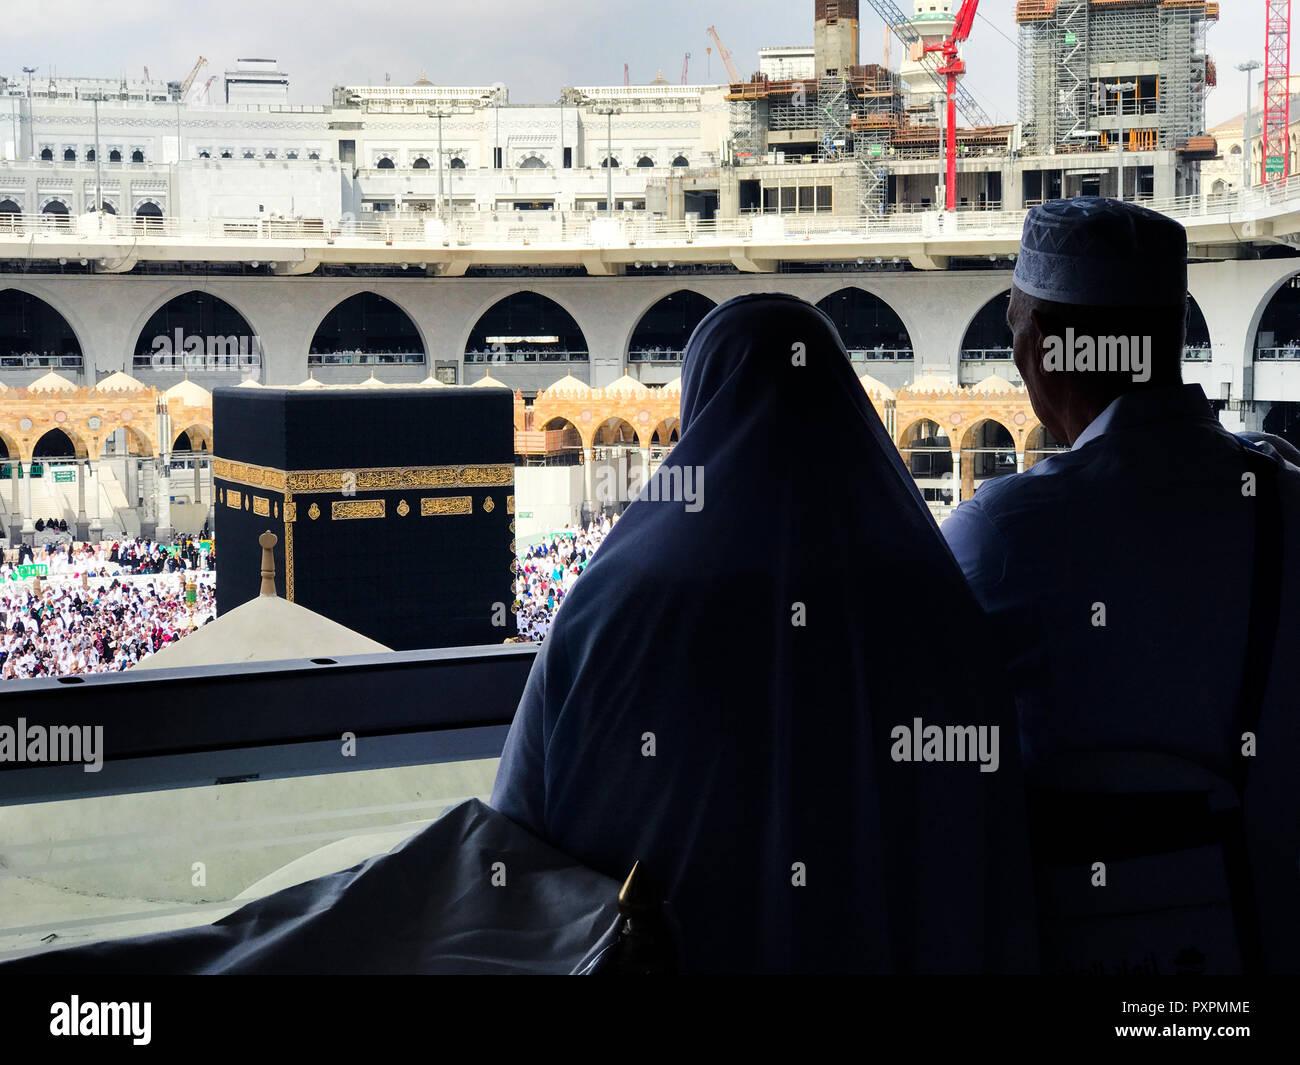 Saudi Arabia Woman Stock Photos & Saudi Arabia Woman Stock